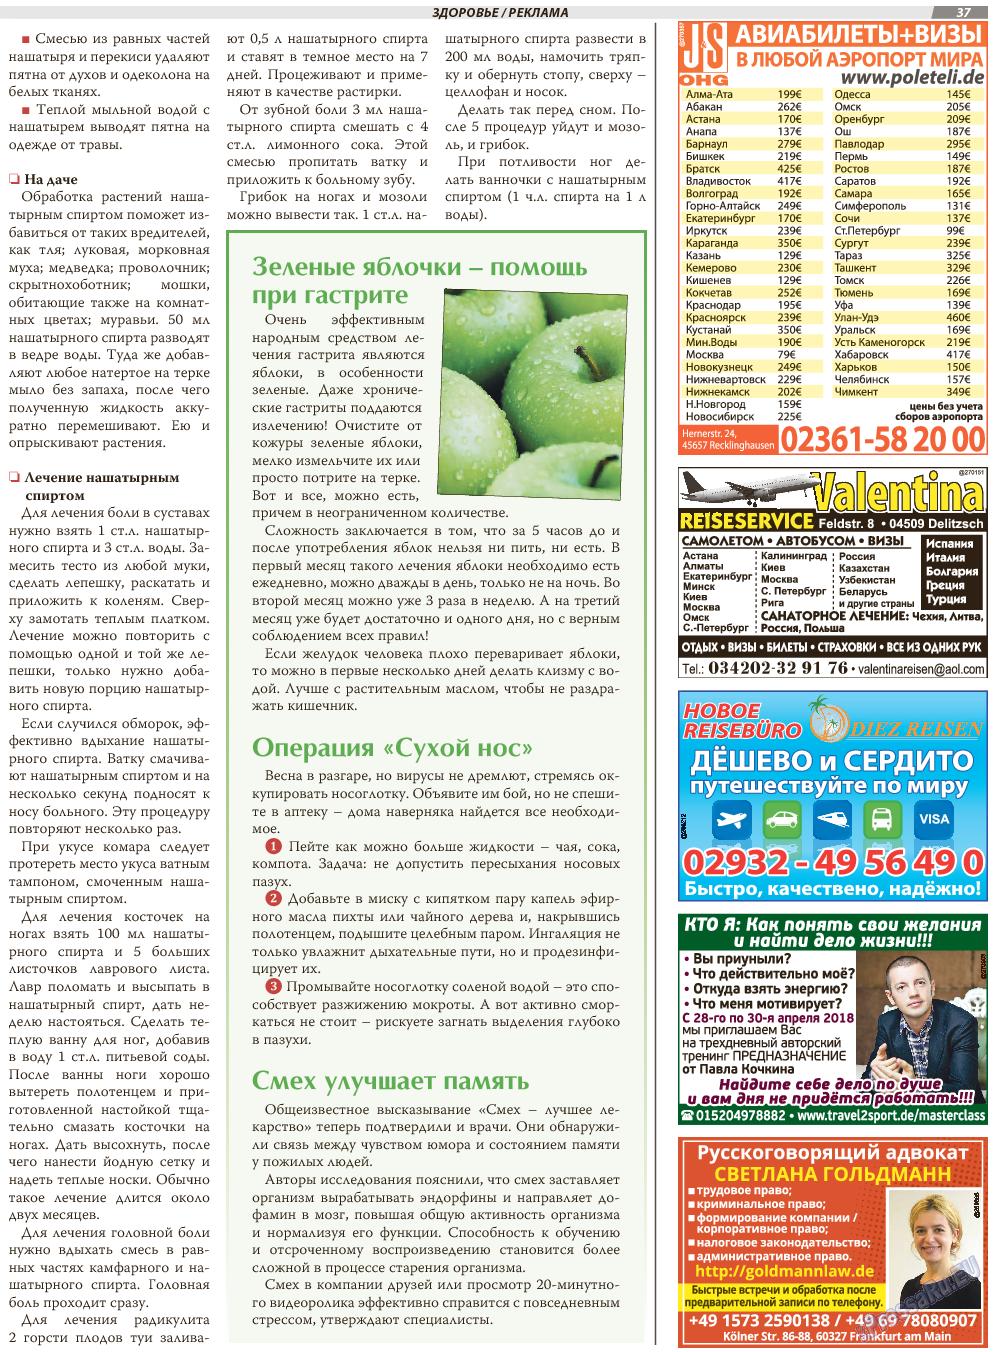 TVrus (газета). 2018 год, номер 15, стр. 37